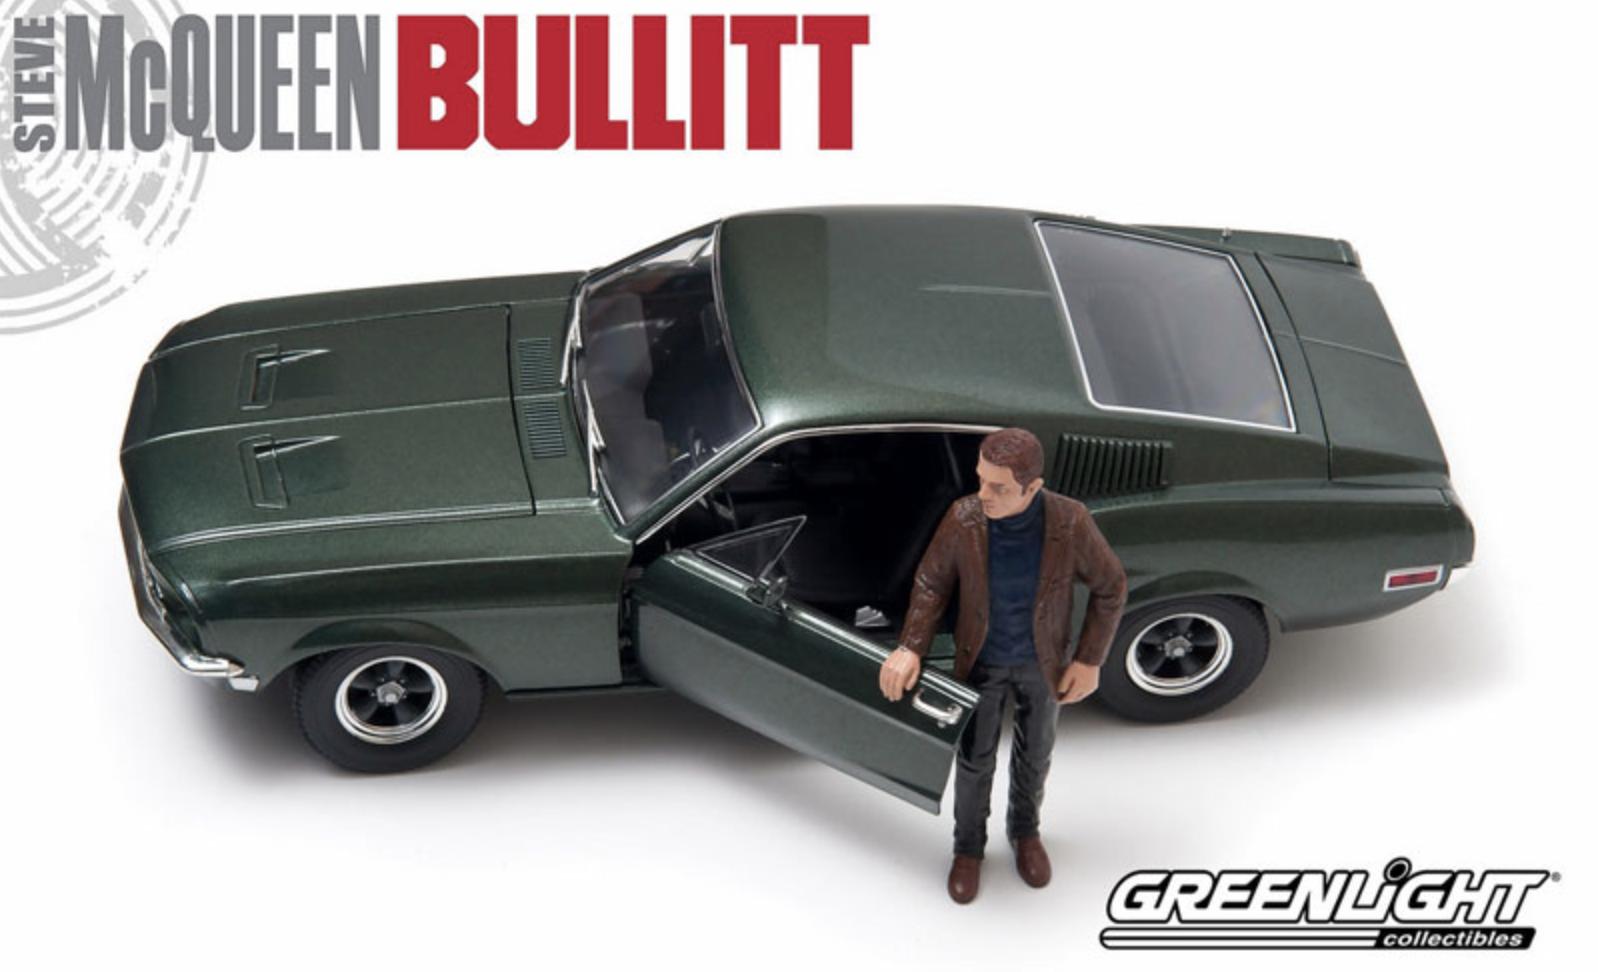 1968 mustang bullitt 1,18 Grünlight 12938 grünen steve mcqueen